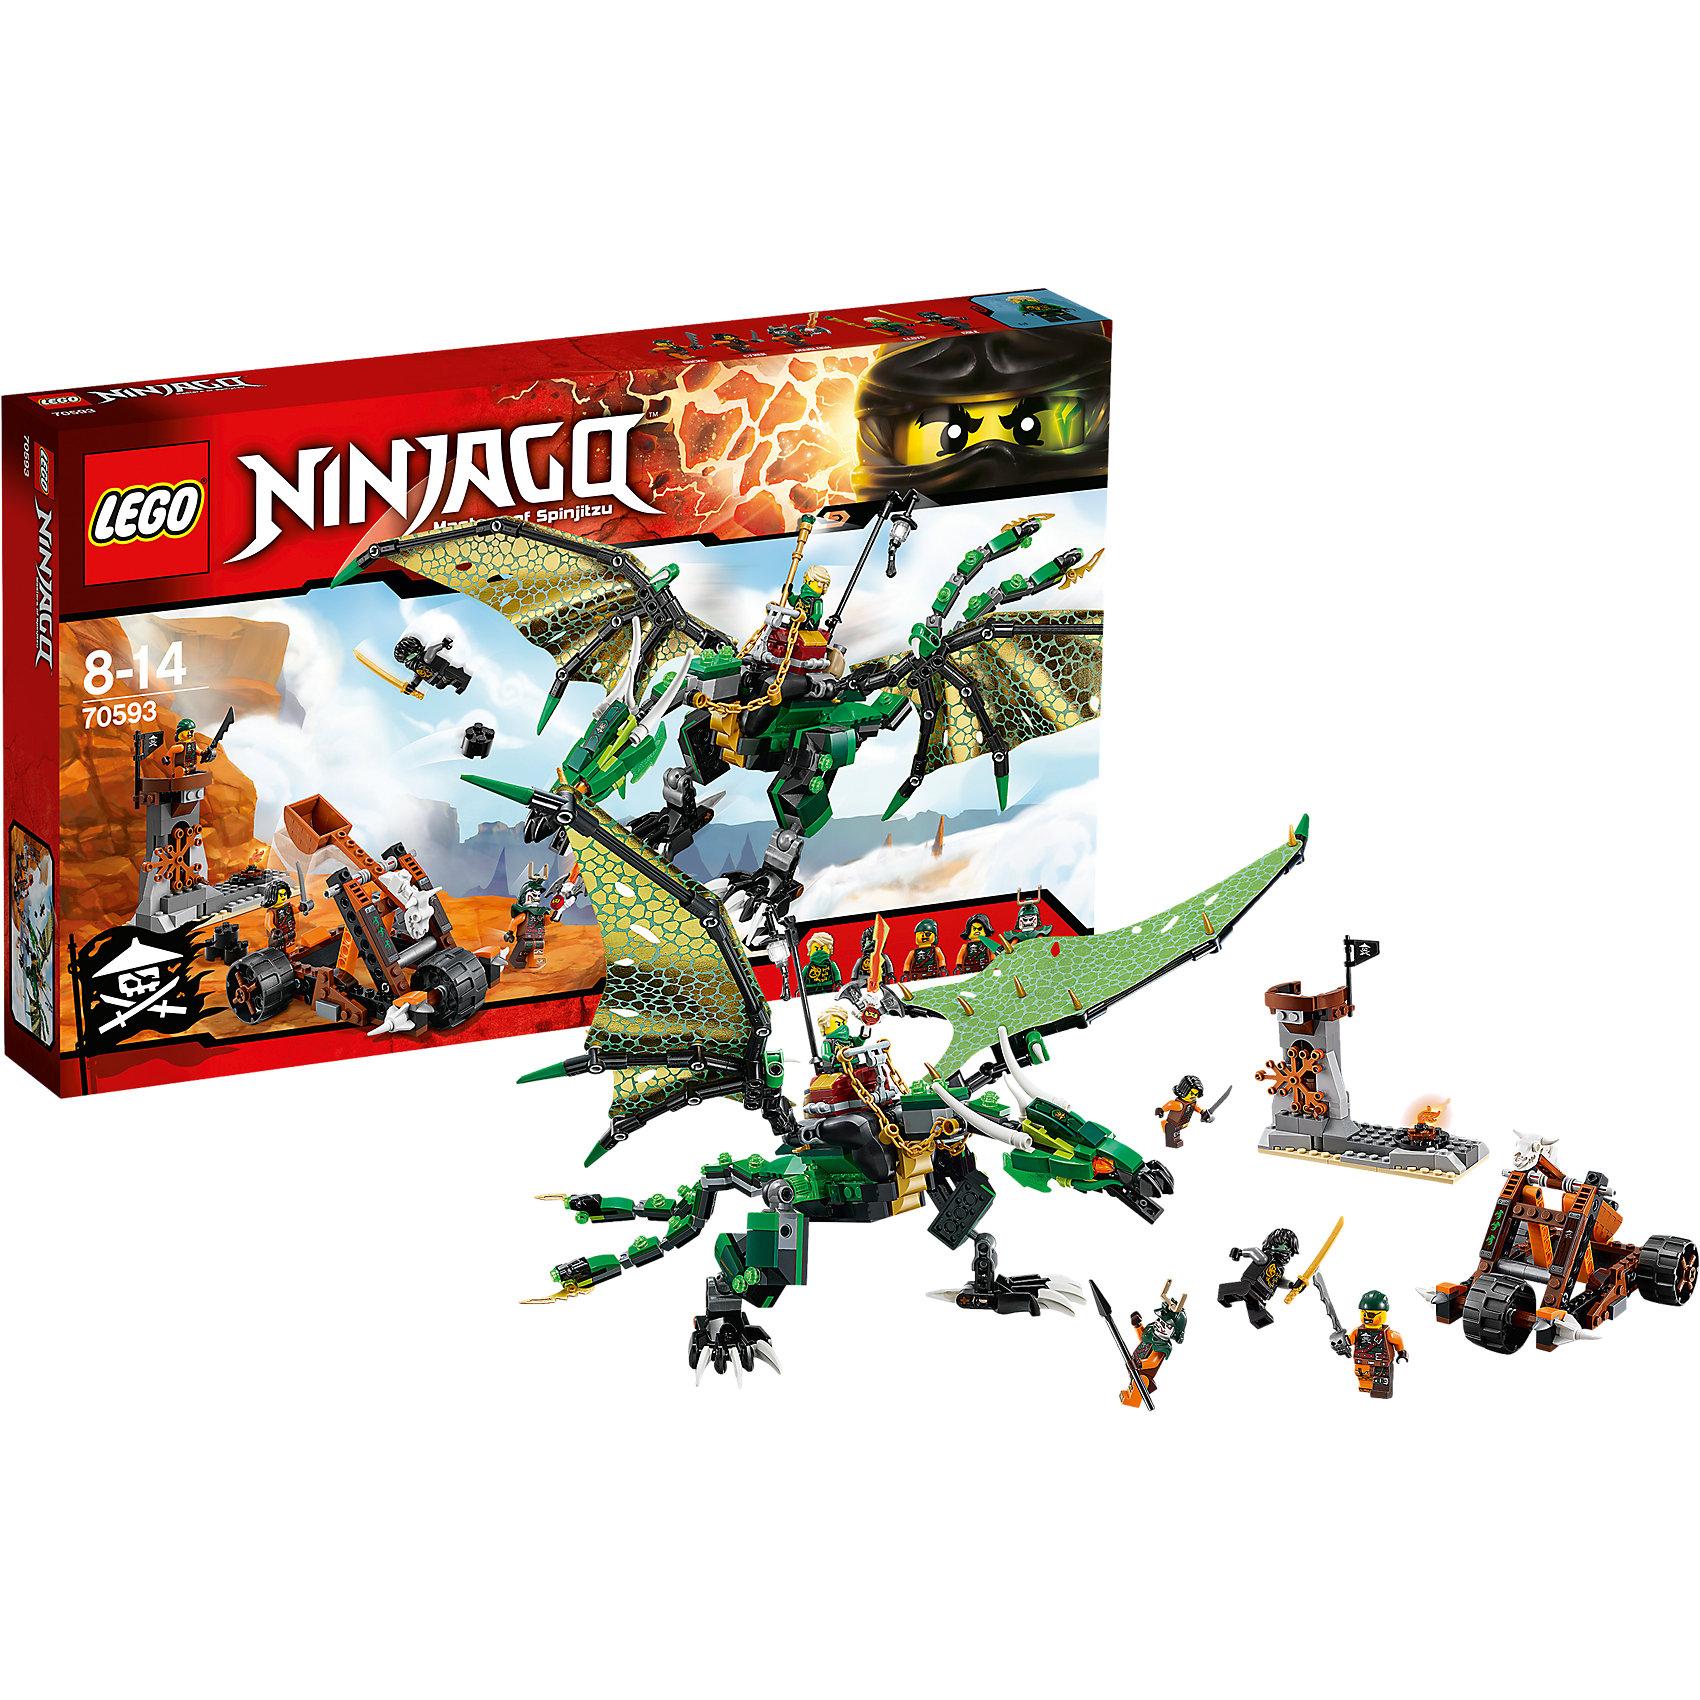 LEGO NINJAGO 70593: Зелёный ДраконПластмассовые конструкторы<br>Приключения и конструкторы обожает множество современных мальчишек, поэтому набор Лего, из которого можно собрать интересный сюжет, обязательно порадует ребенка. Такие игрушки помогают детям развивать воображение, мелкую моторику, логику и творческое мышление.<br>Набор состоит из множества деталей, с помощью которых можно  собрать декорации для игр, а также в нем есть фигурки любимых персонажей! С таким комплектом можно придумать множество игр!<br><br>Дополнительная информация:<br><br>цвет: разноцветный;<br>размер коробки: 48 х 6 х 28 см;<br>вес: 756 г;<br>материал: пластик;<br>количество деталей: 567.<br><br>Набор Зелёный Дракон от бренда LEGO NINJAGO можно купить в нашем магазине.<br><br>Ширина мм: 482<br>Глубина мм: 284<br>Высота мм: 68<br>Вес г: 791<br>Возраст от месяцев: 96<br>Возраст до месяцев: 168<br>Пол: Мужской<br>Возраст: Детский<br>SKU: 4641244